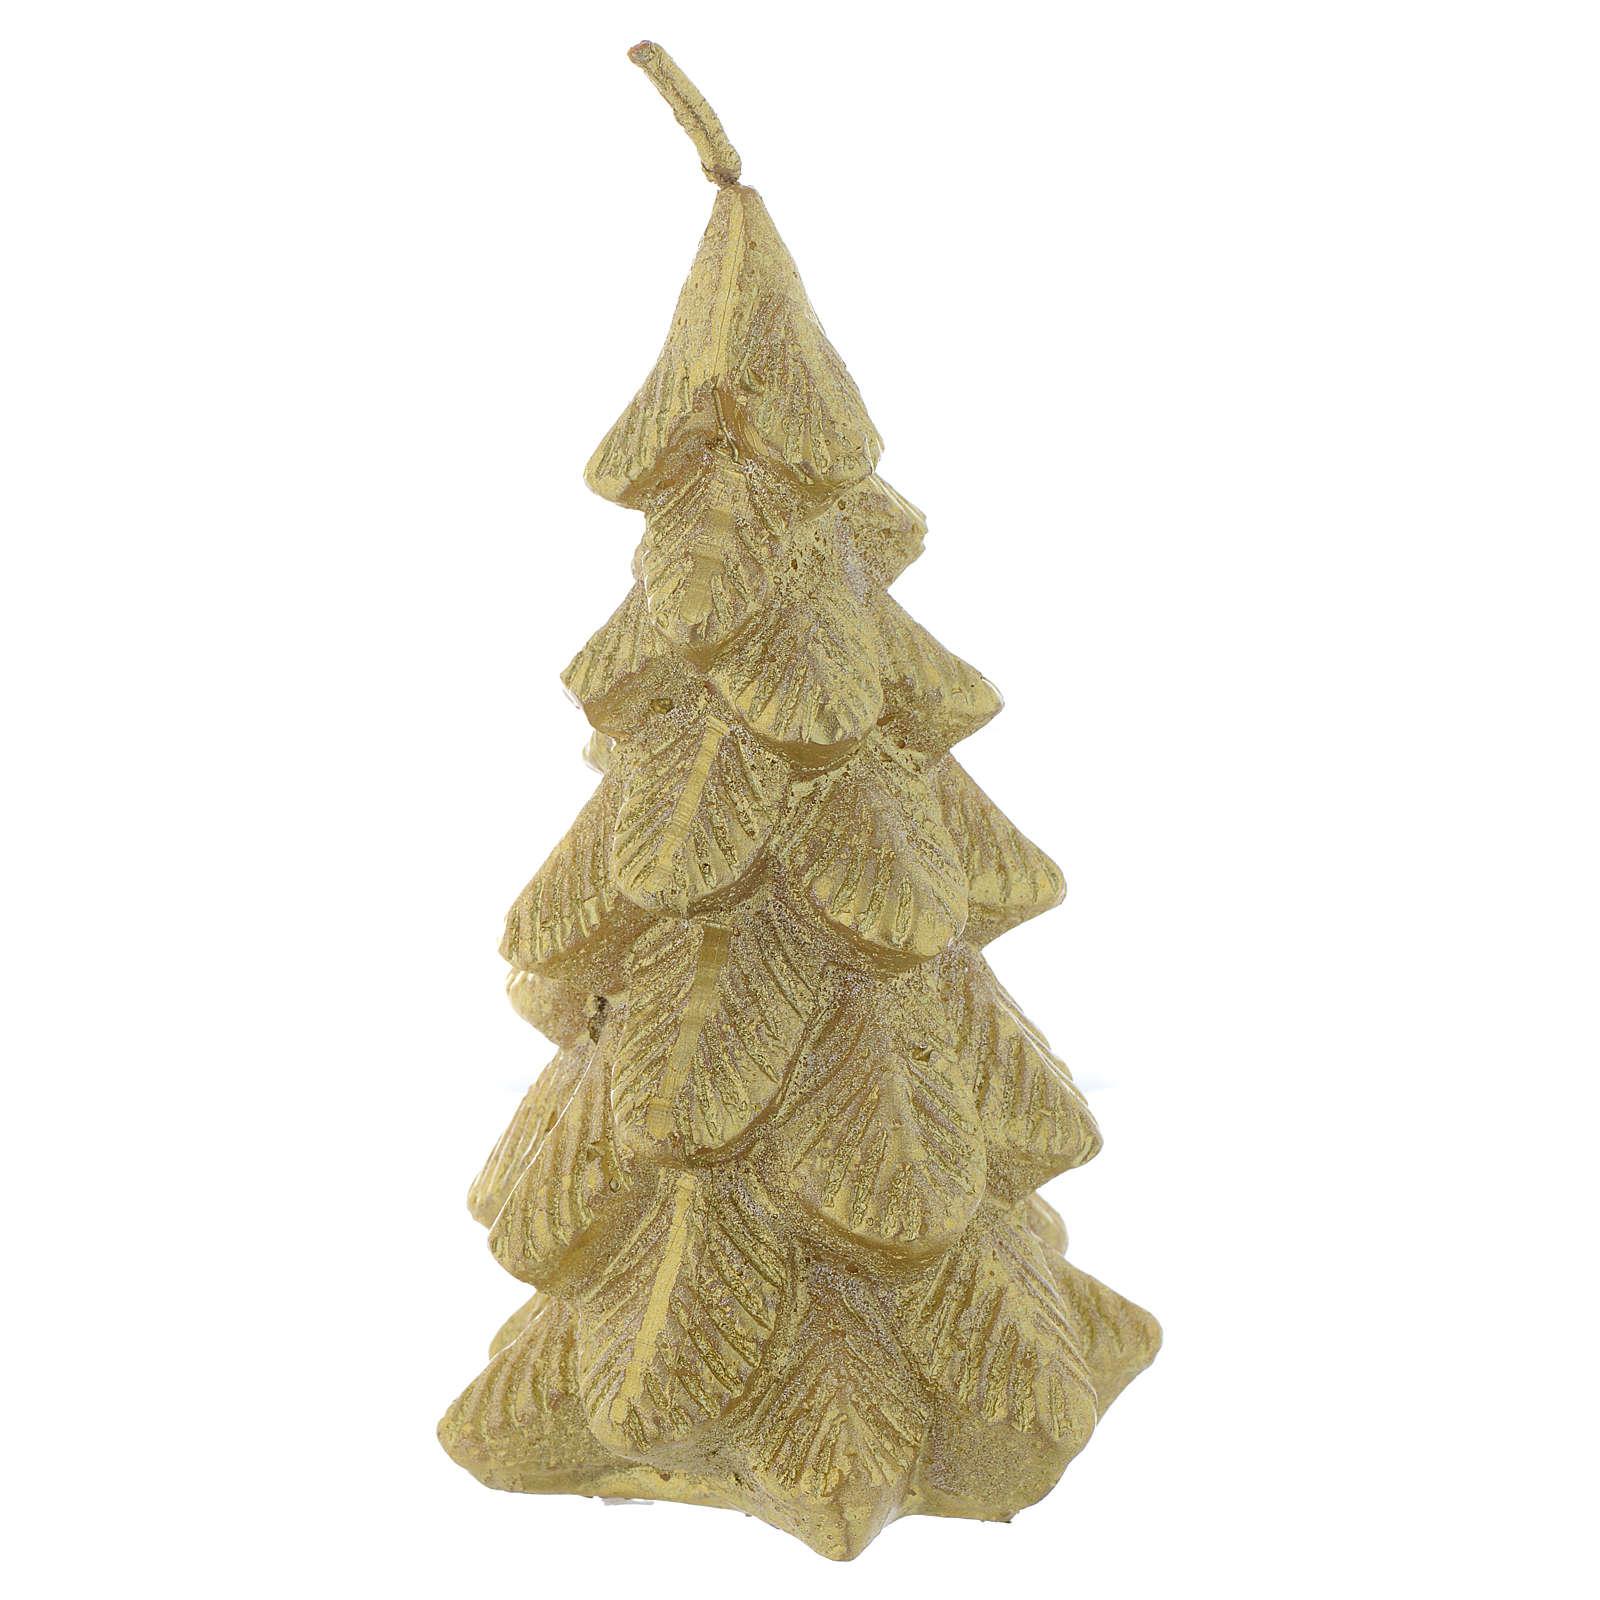 Weihnachtskerze Tannenbaum 11cm vergoldet 3